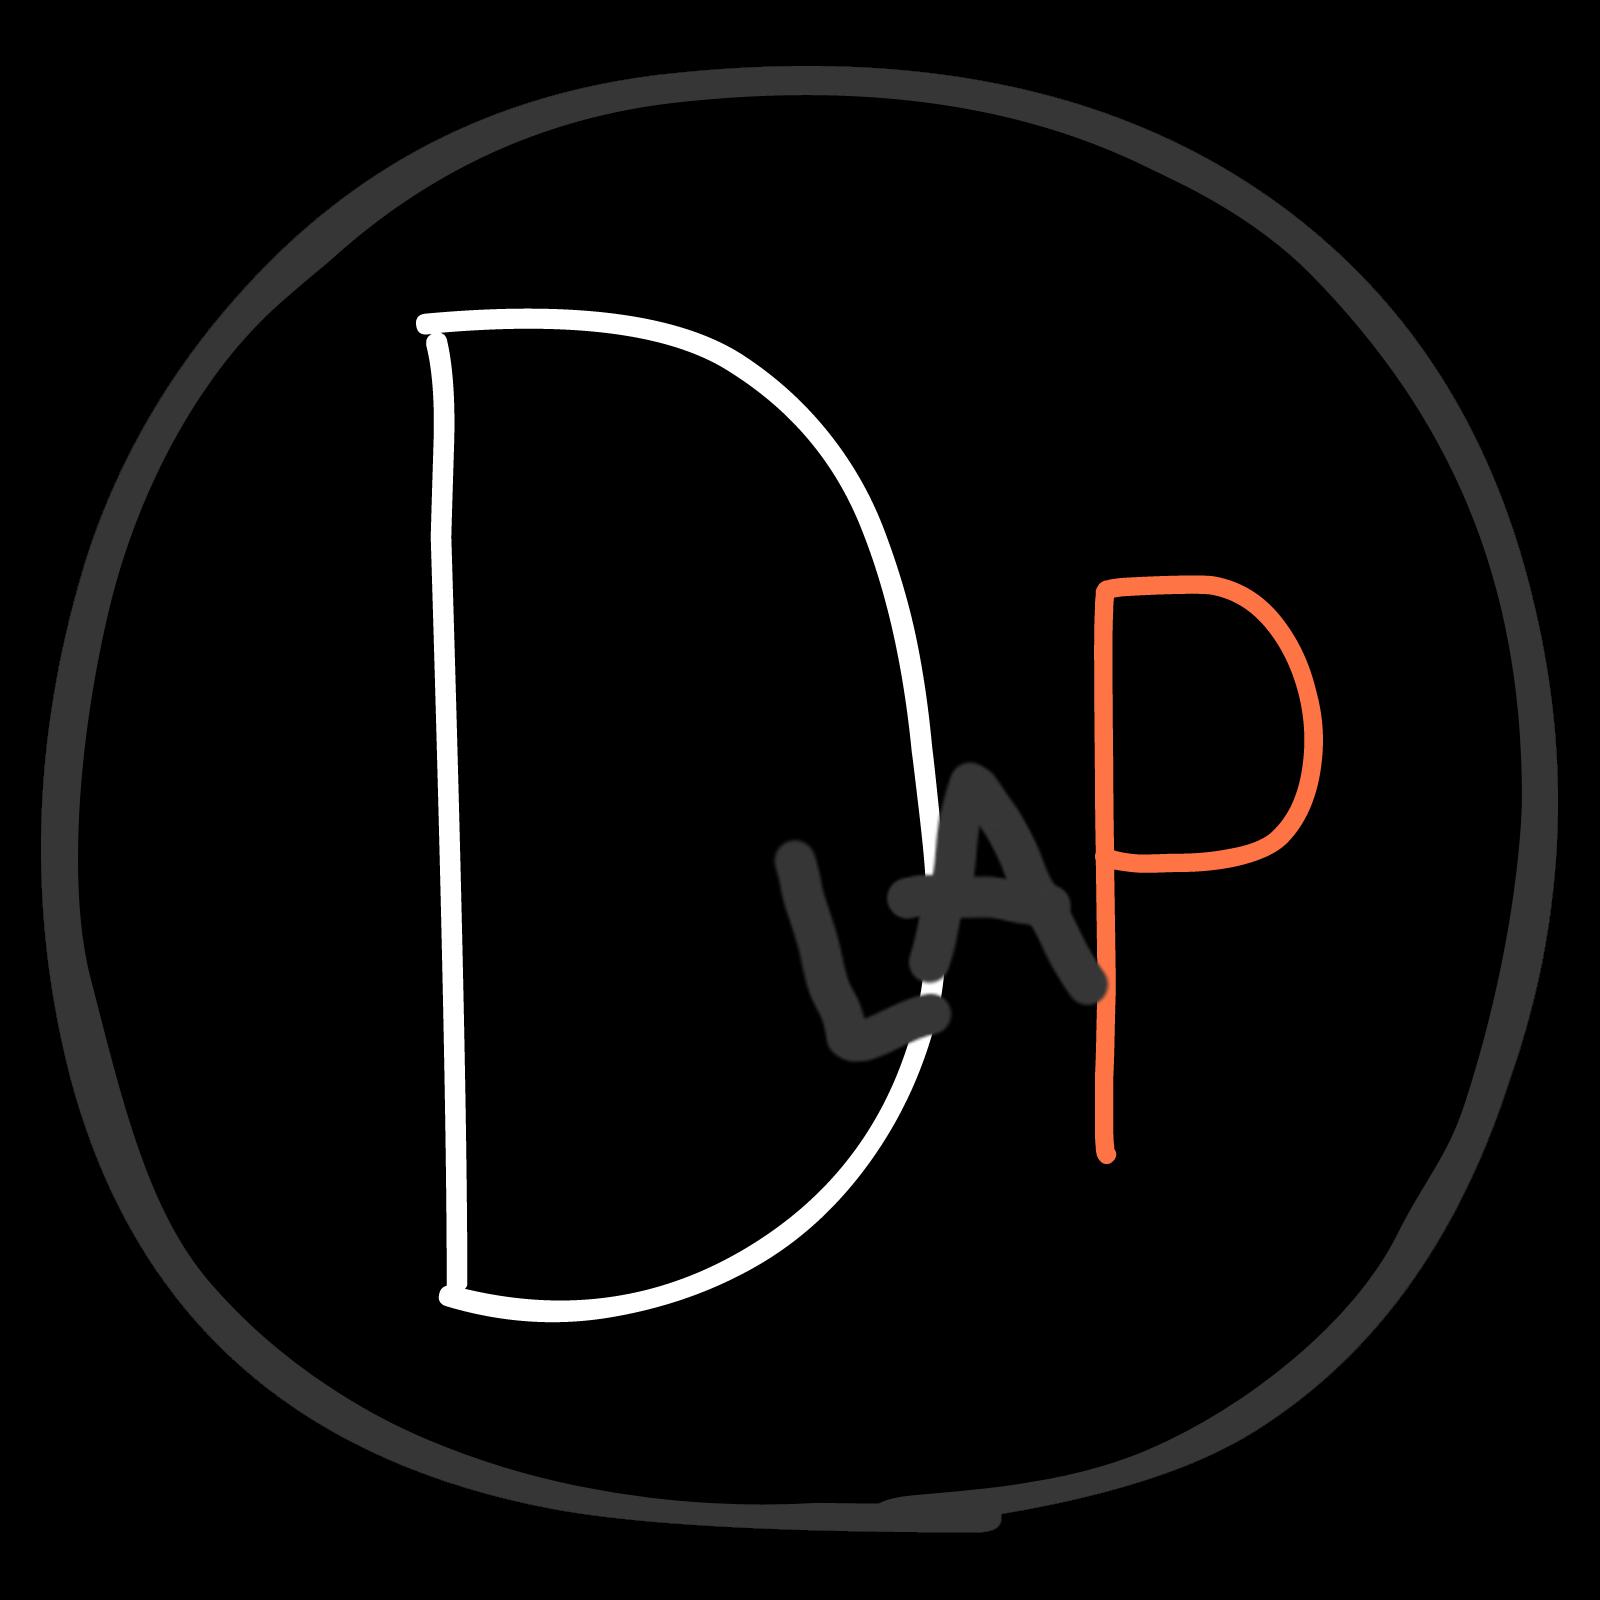 http://descubrelapeli.blogspot.com/